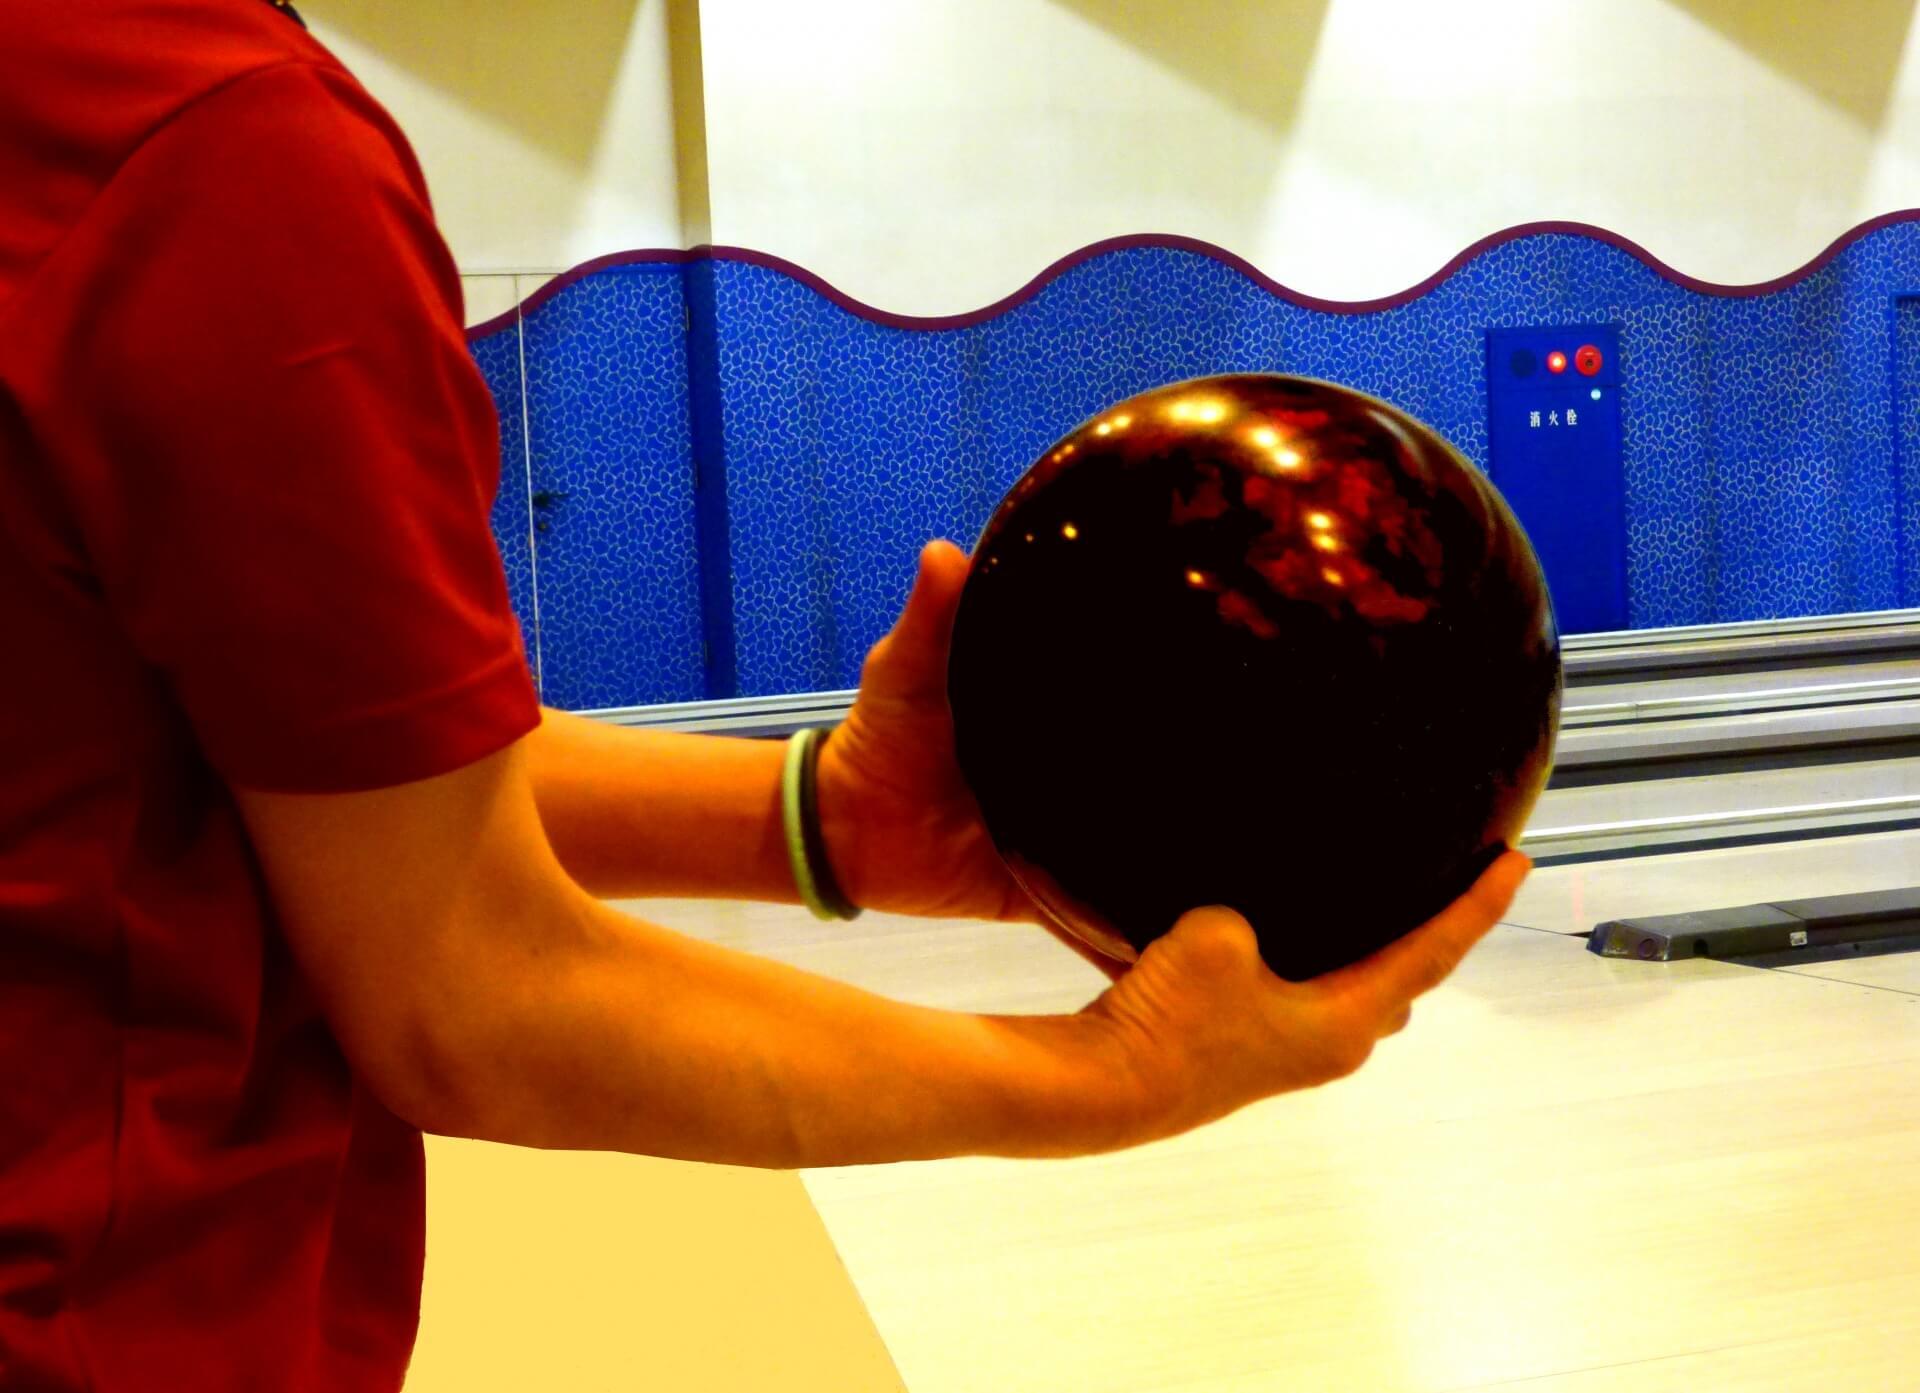 ボーリングゲームを楽しむために身につけておくべき基本の動作